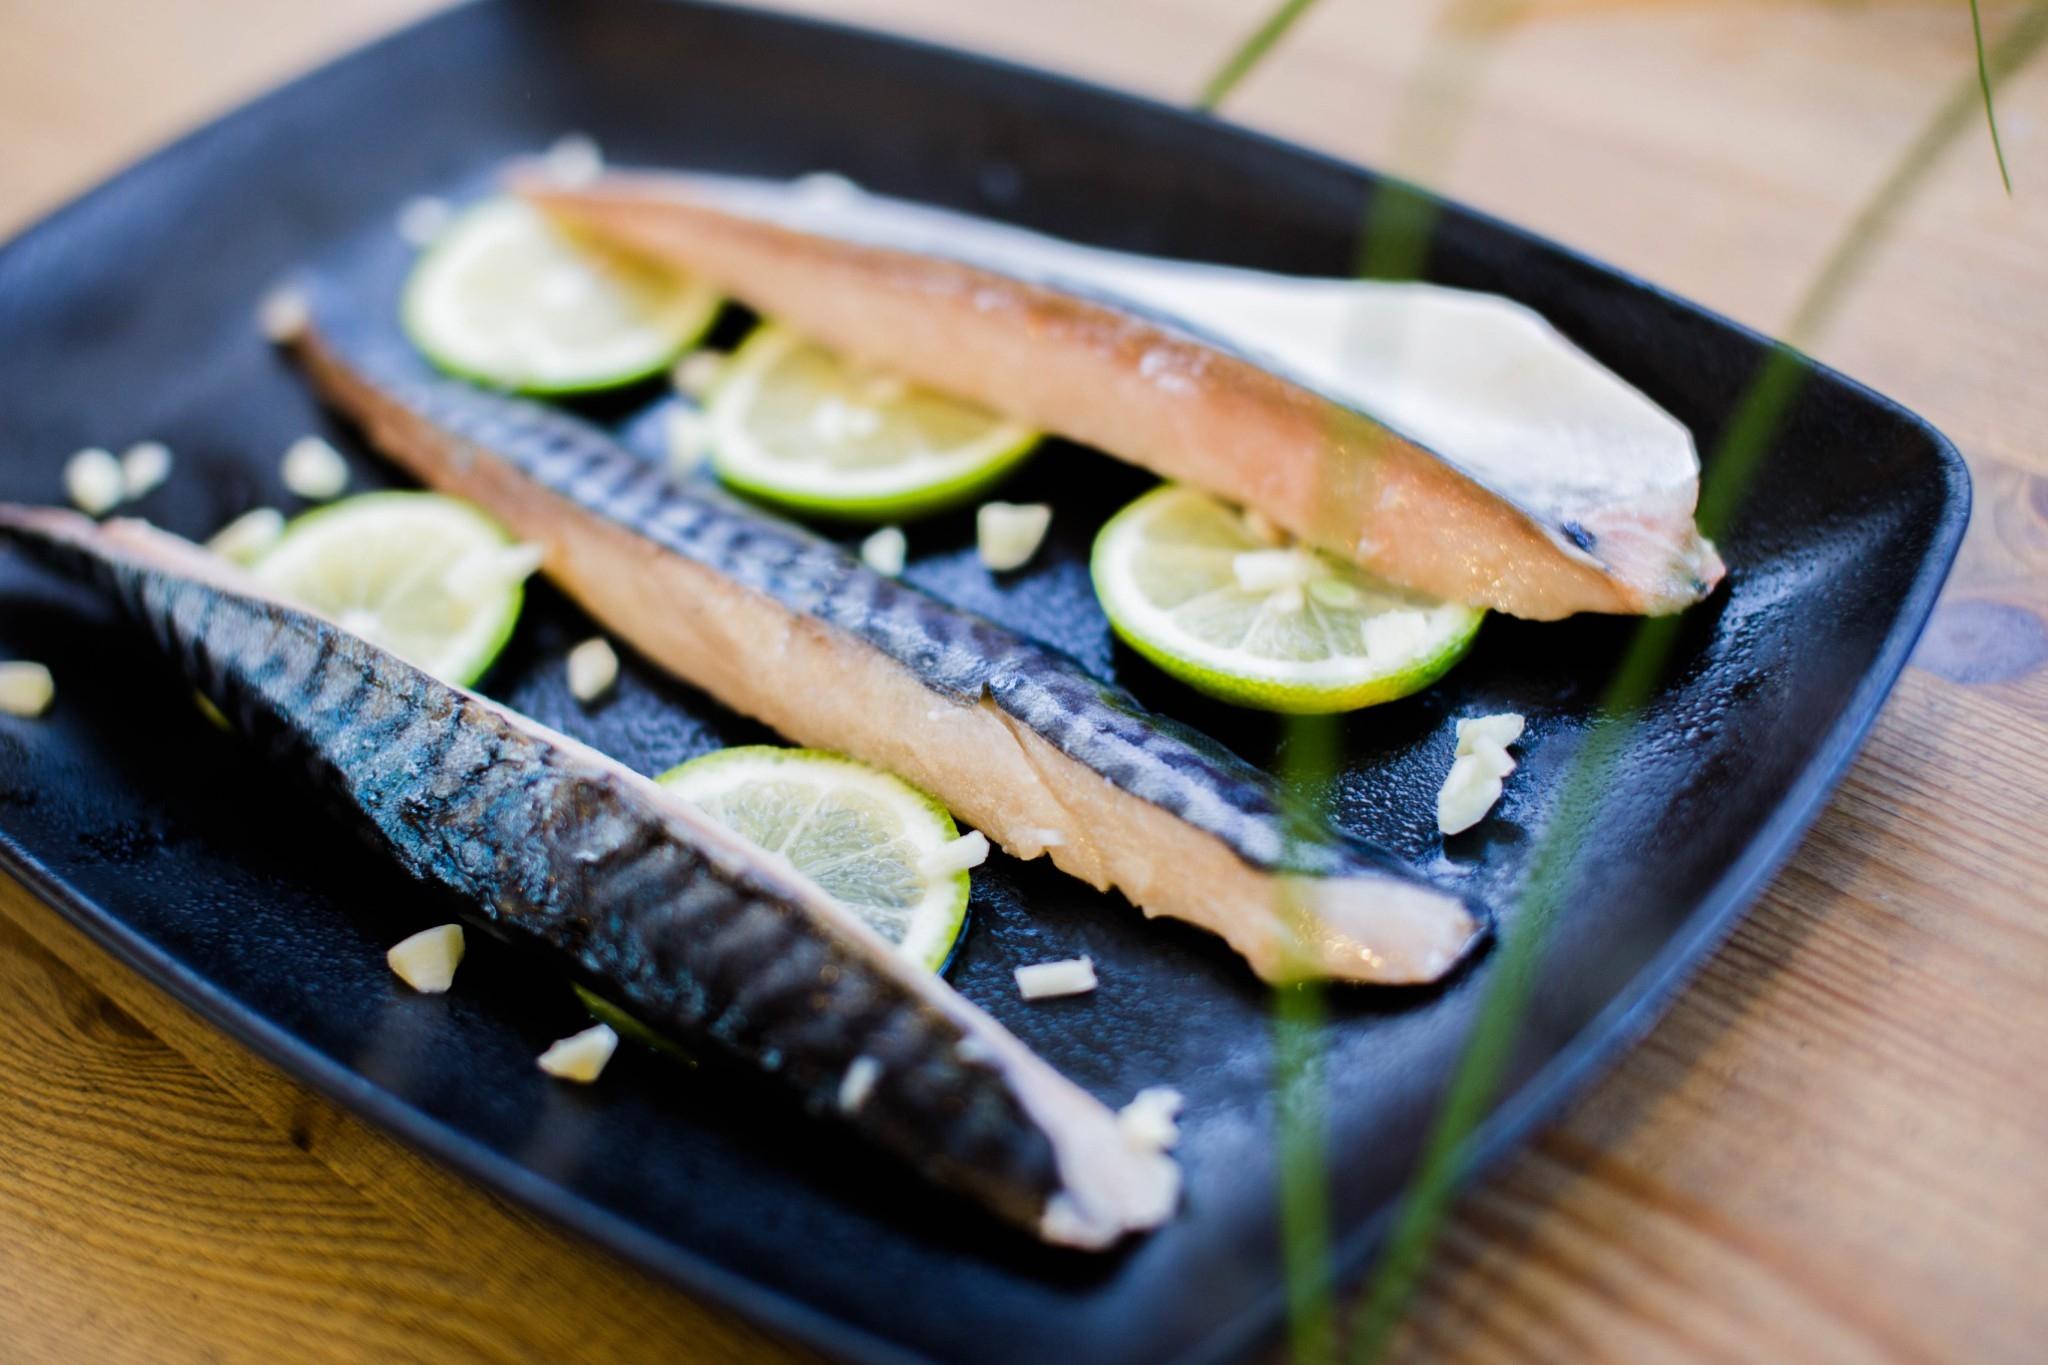 魚之達人挪威頂級冰海鹽漬鯖魚_180911_0007.jpg